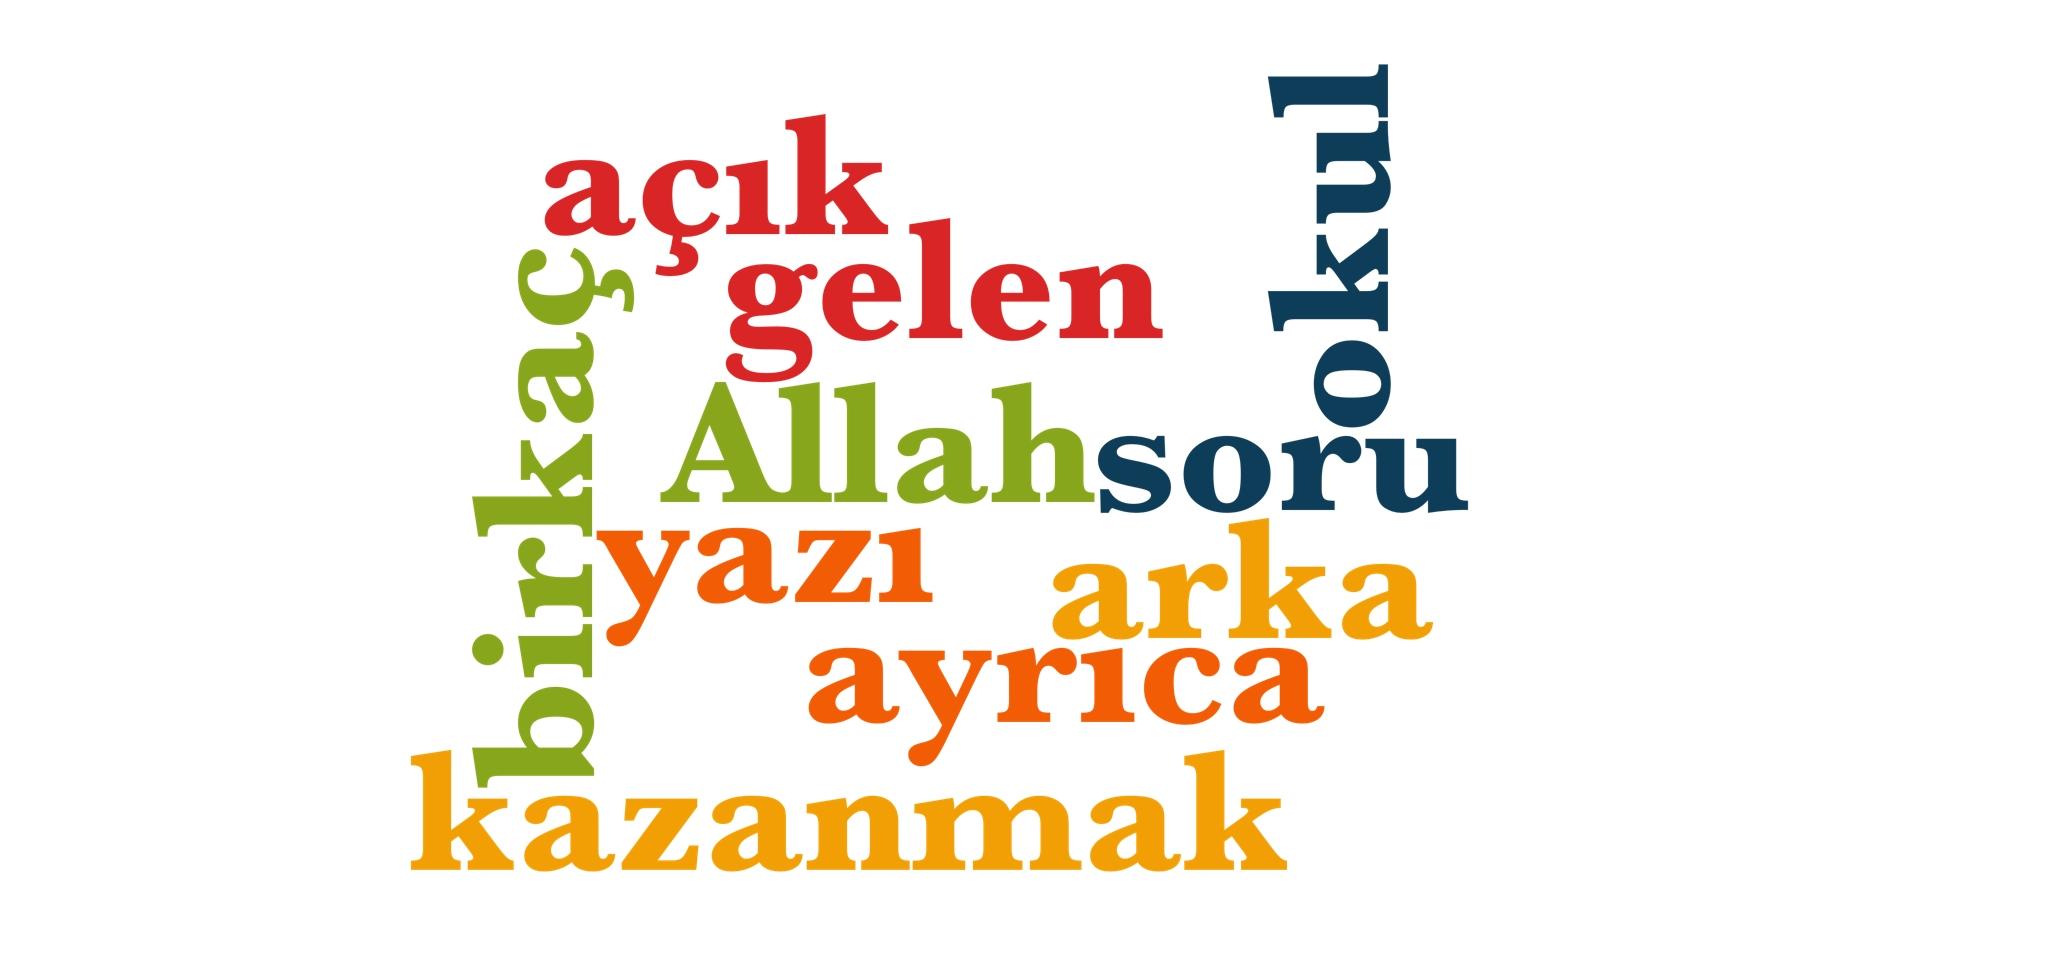 Wörter 251 bis 260 der 1000 häufigsten Wörter der türkischen Sprache